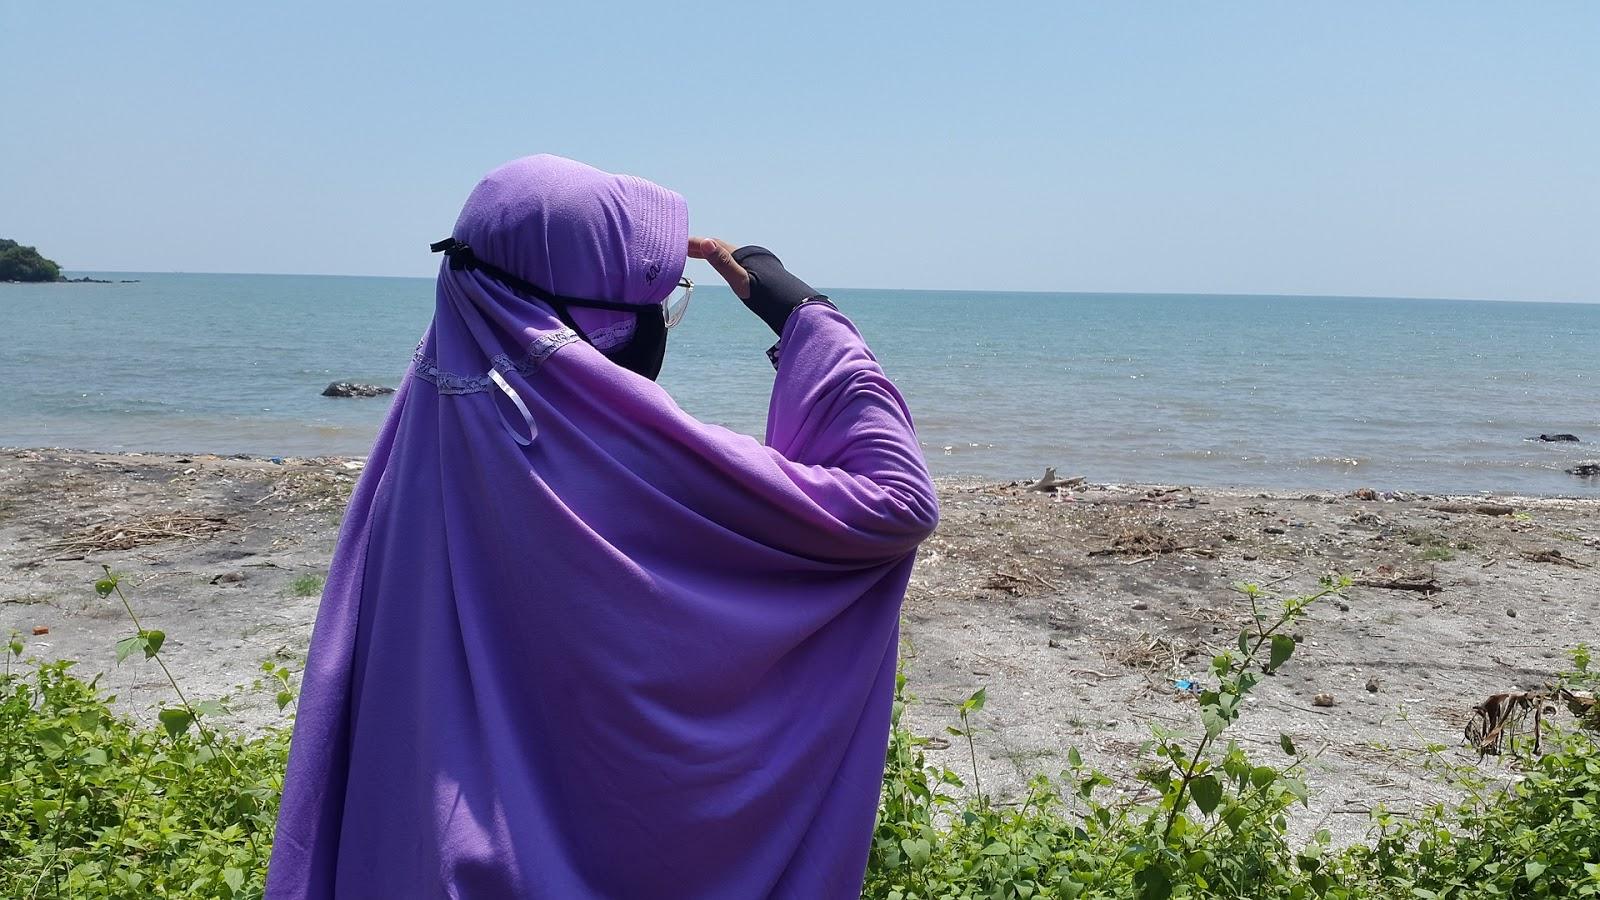 Tinggalkan Olimpiade Renang Demi Pertahankan Hijab, Cerpen